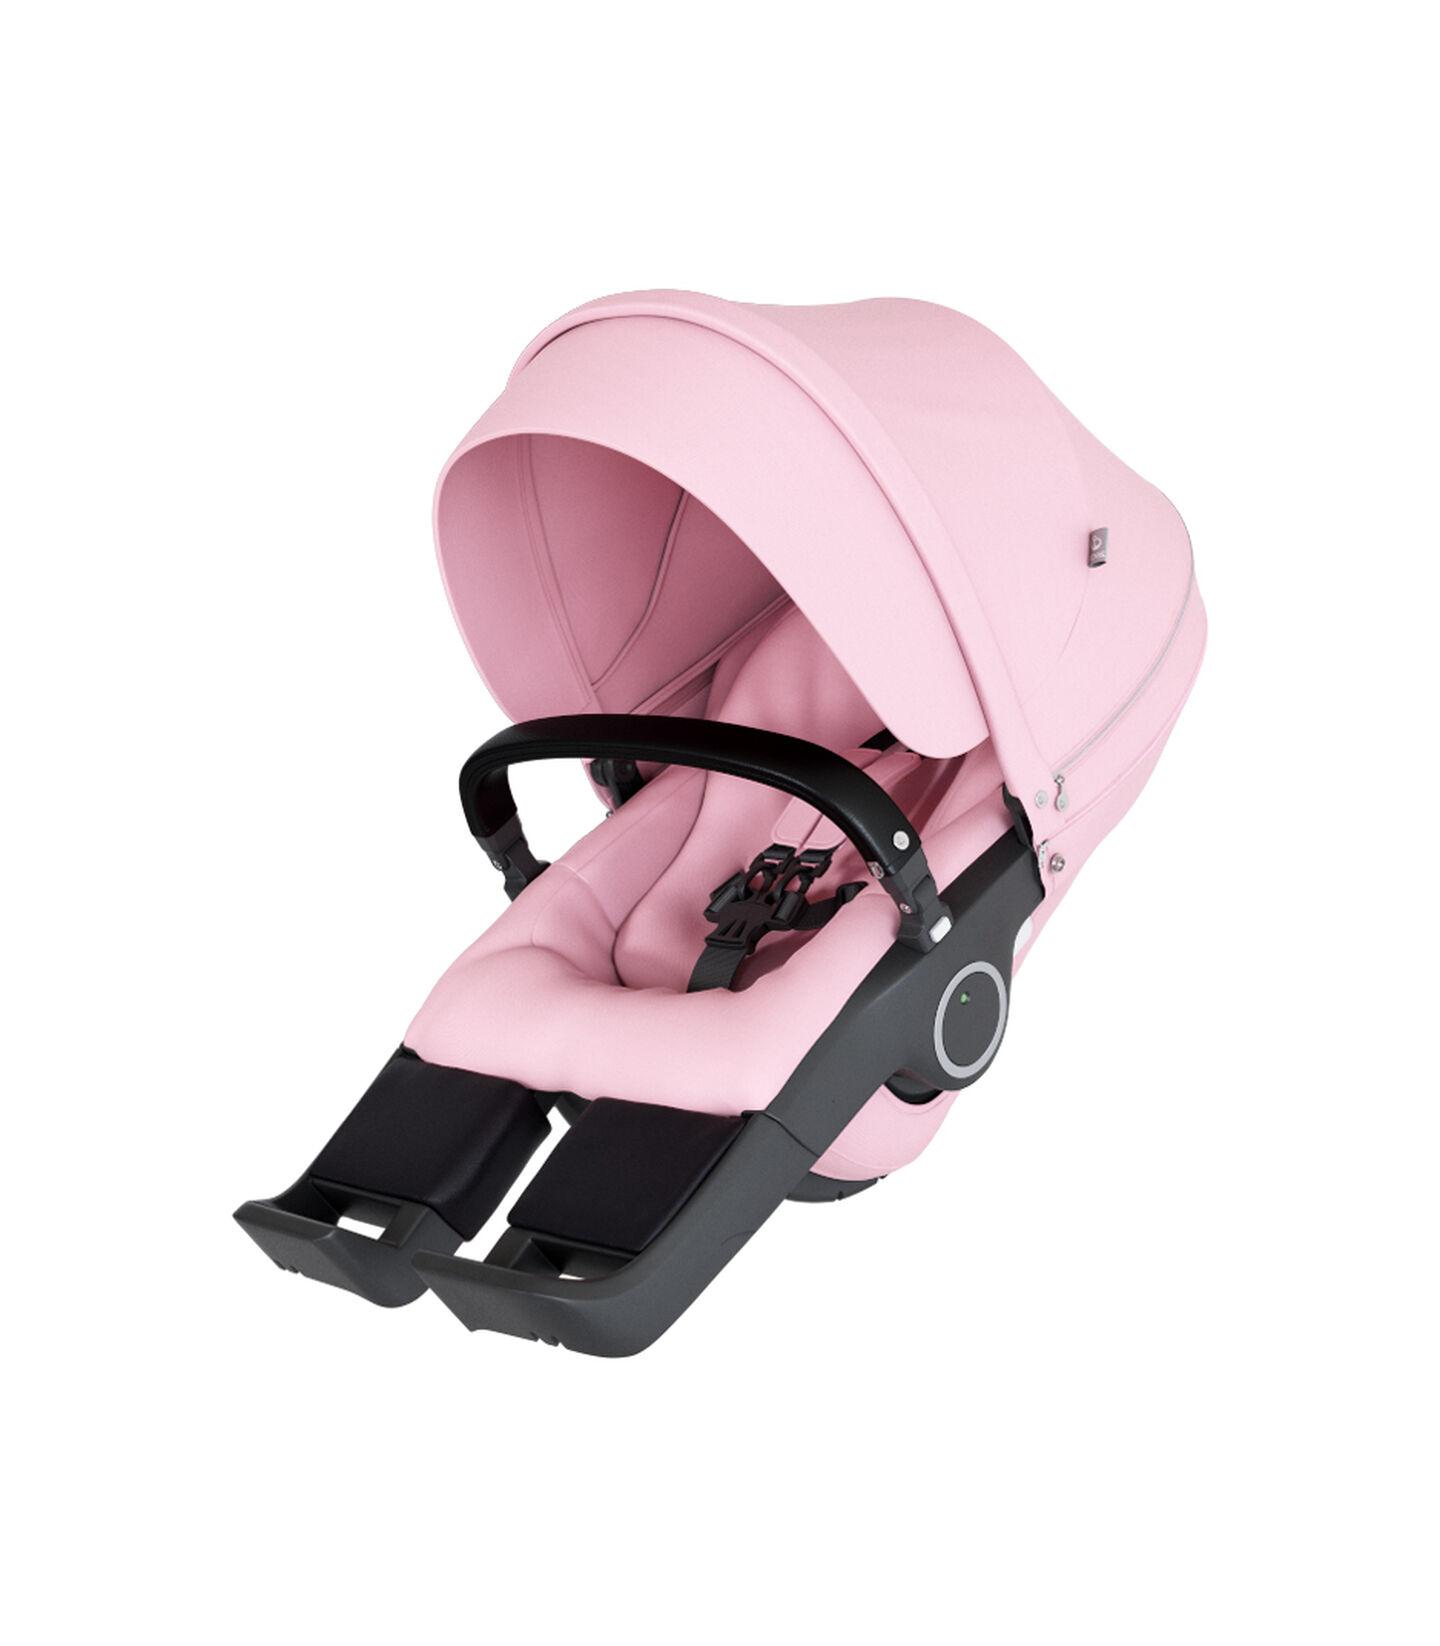 Stokke® Stroller Seat Lotus Pink, Lotus Pink, mainview view 1